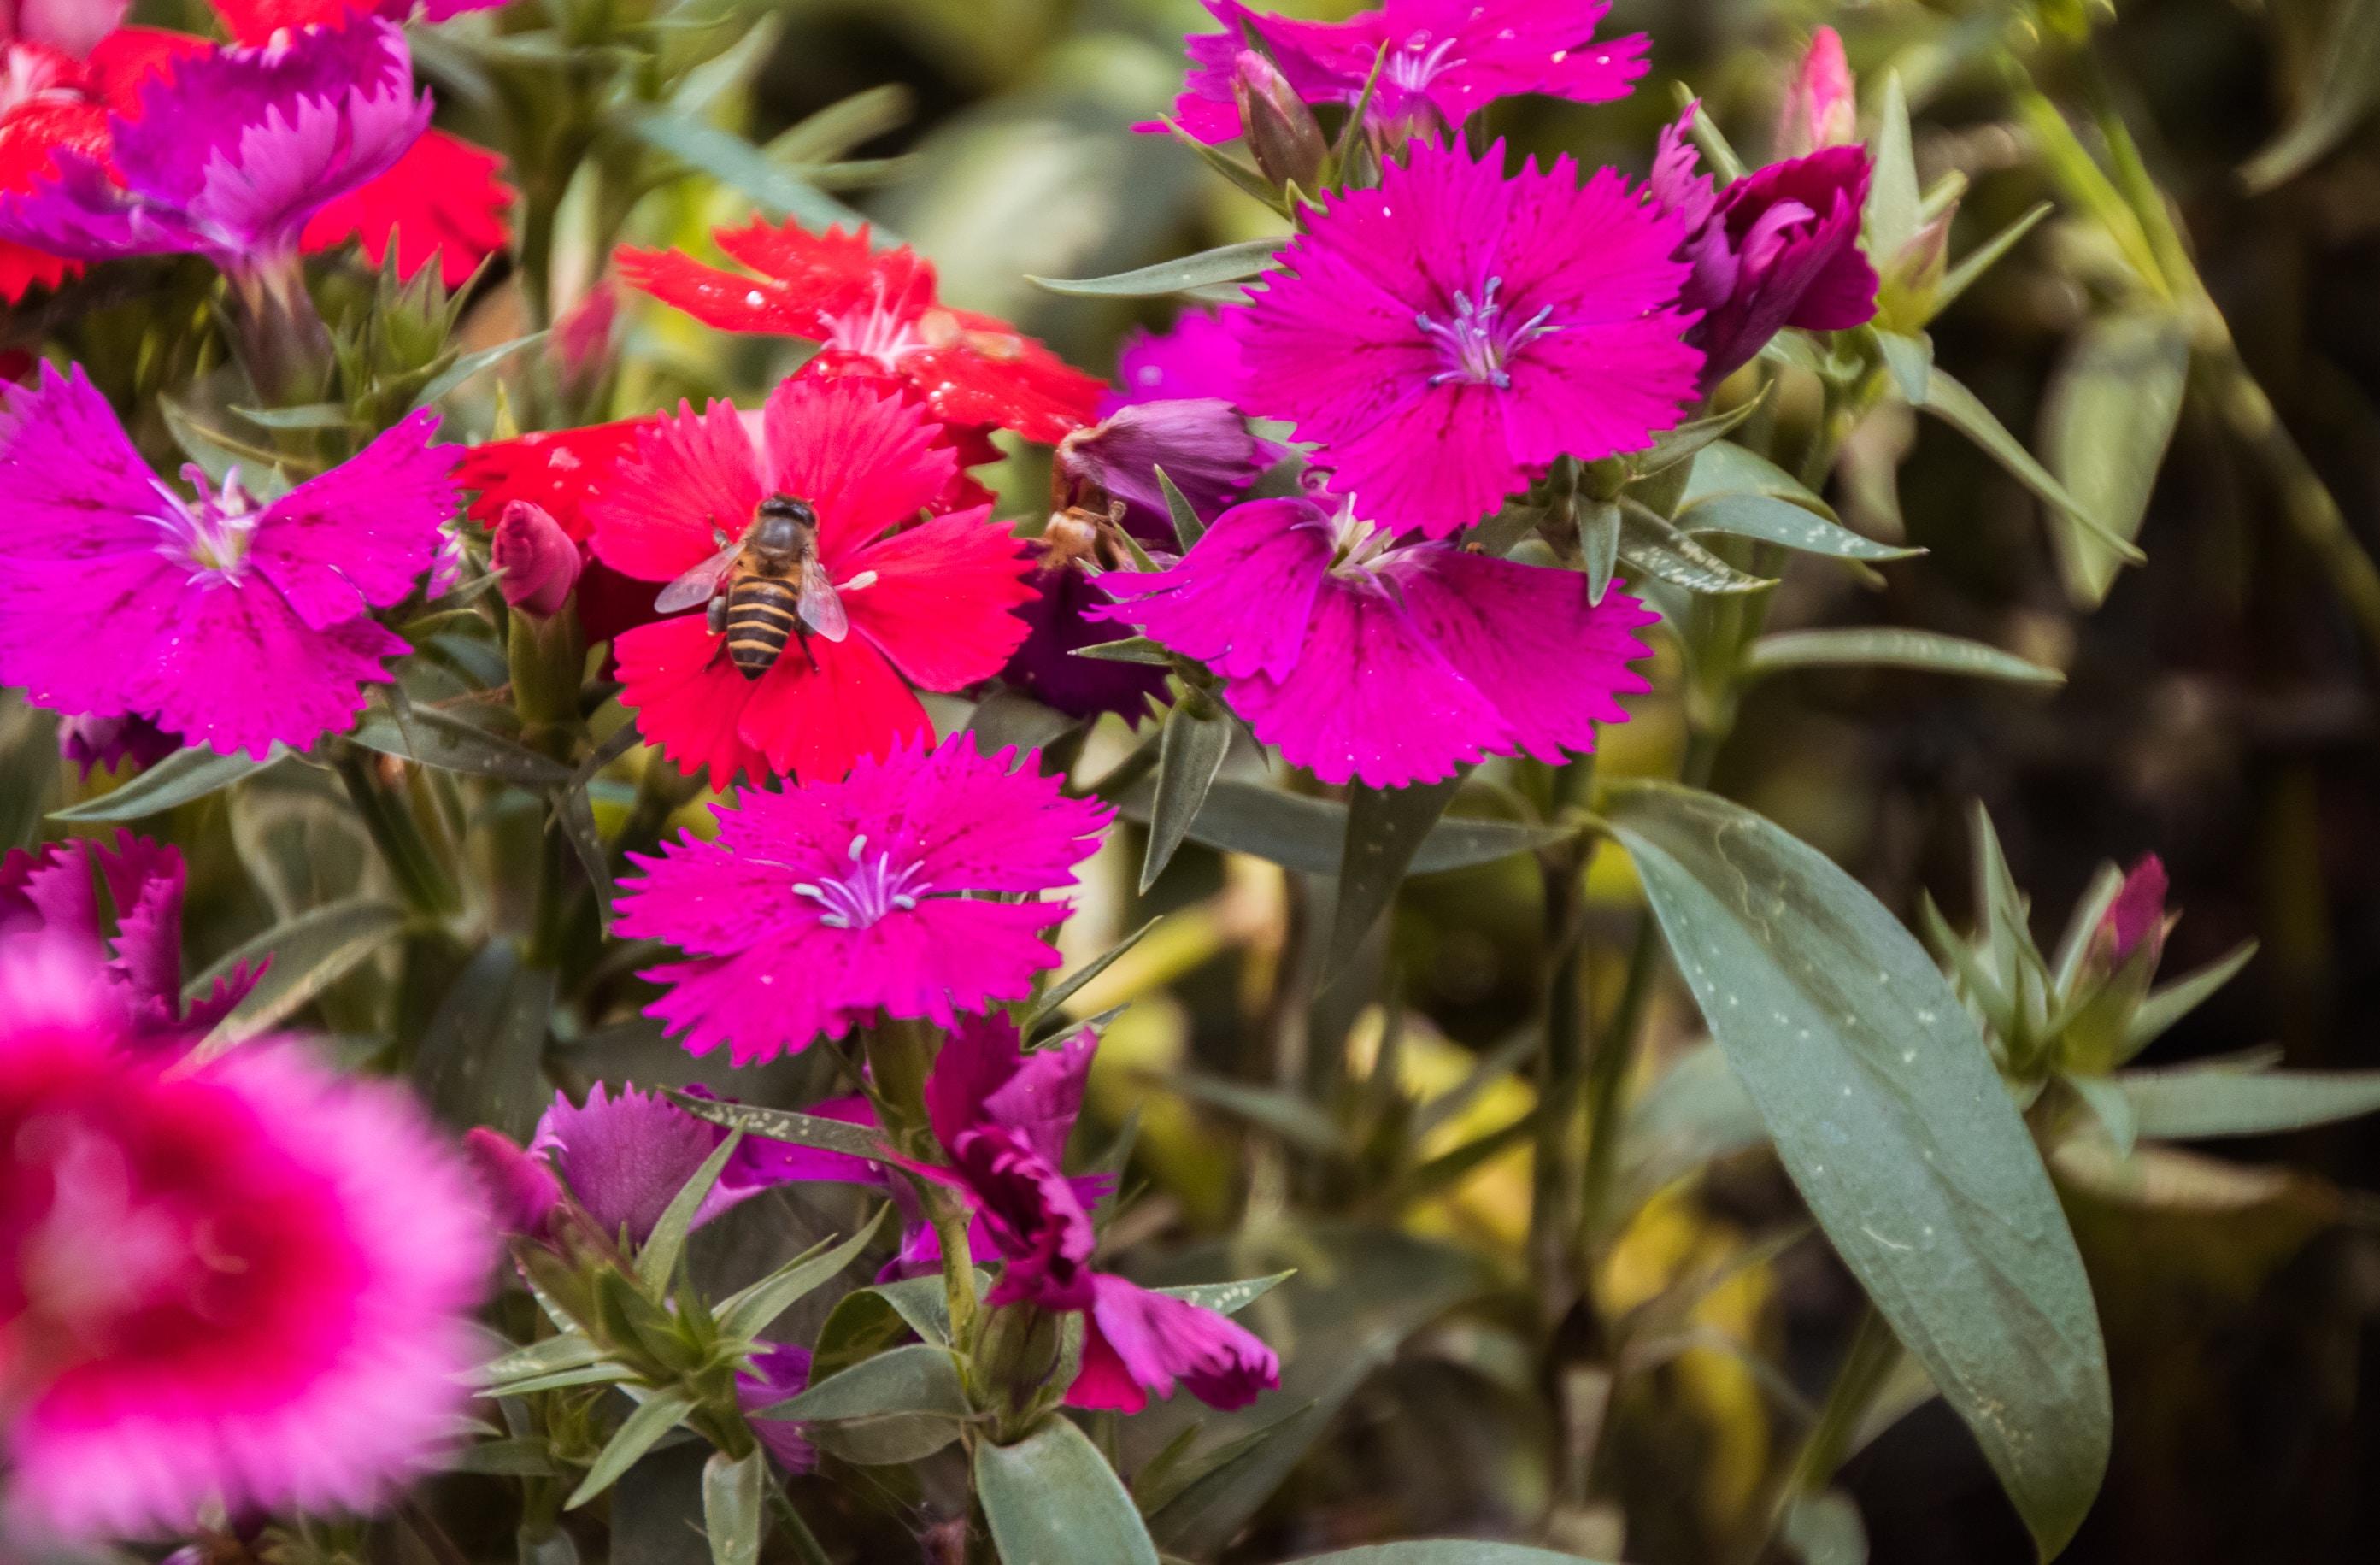 brown and black honeybee on red flower near pink flowers